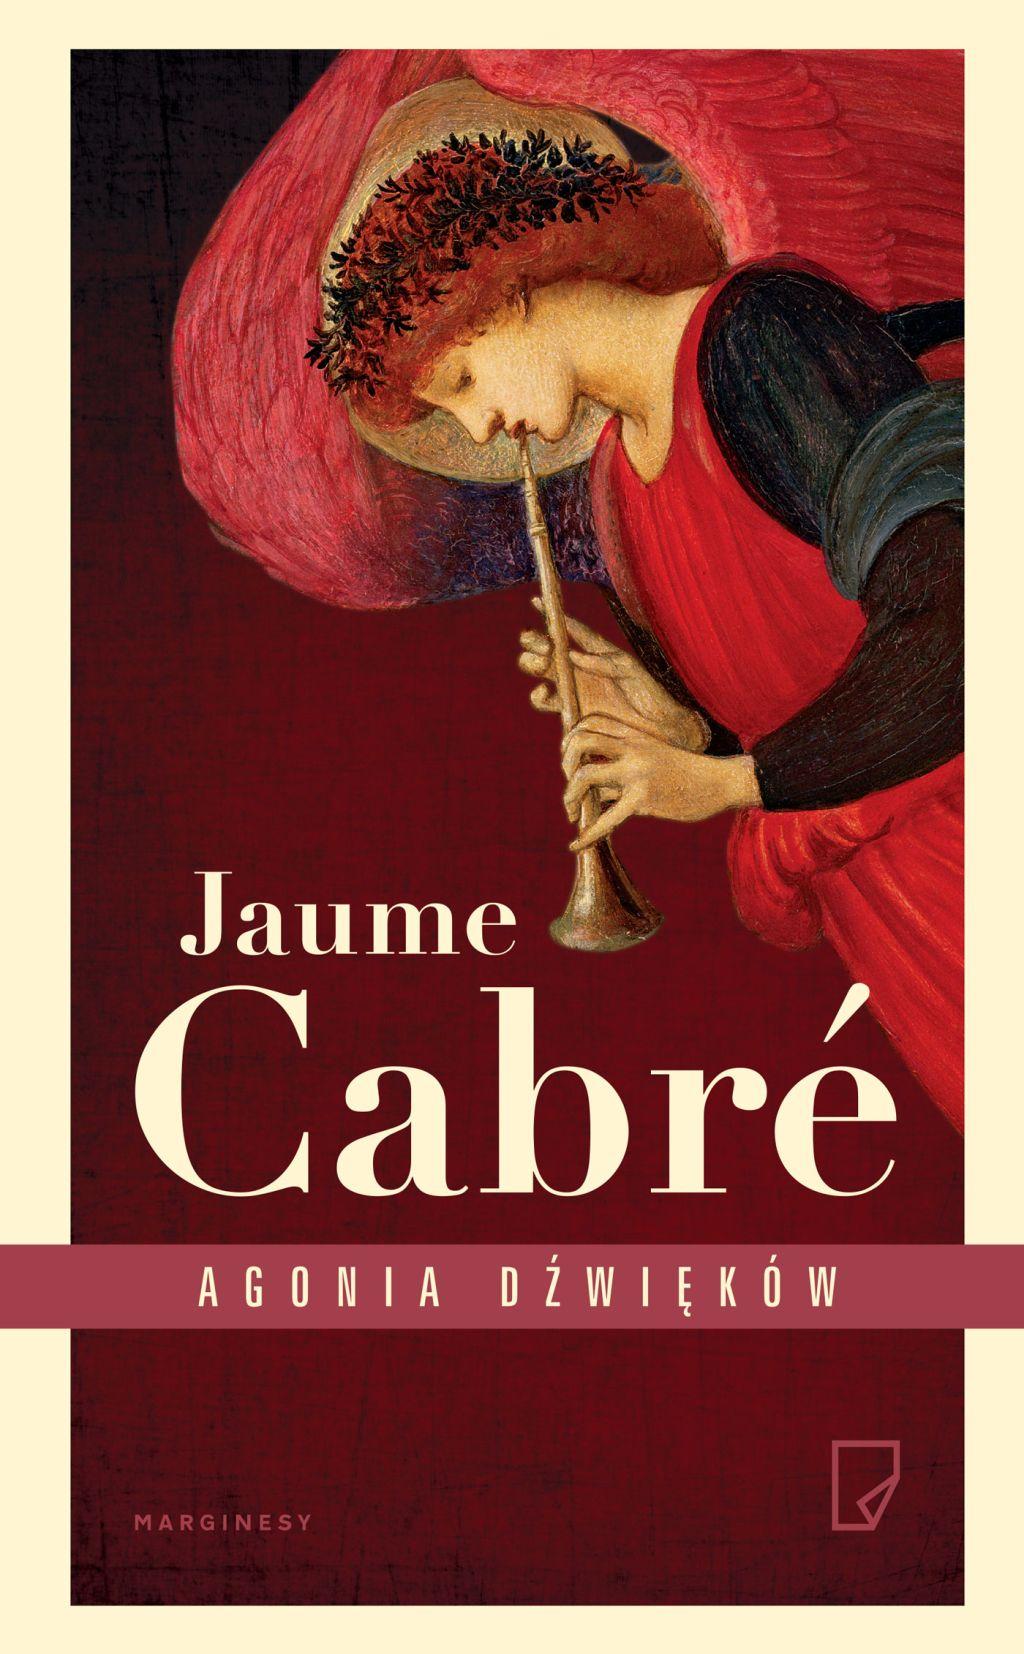 """Jaume Cabre, """"Agonia dźwięków"""" (źródło: materiały prasowe wydawcy)"""